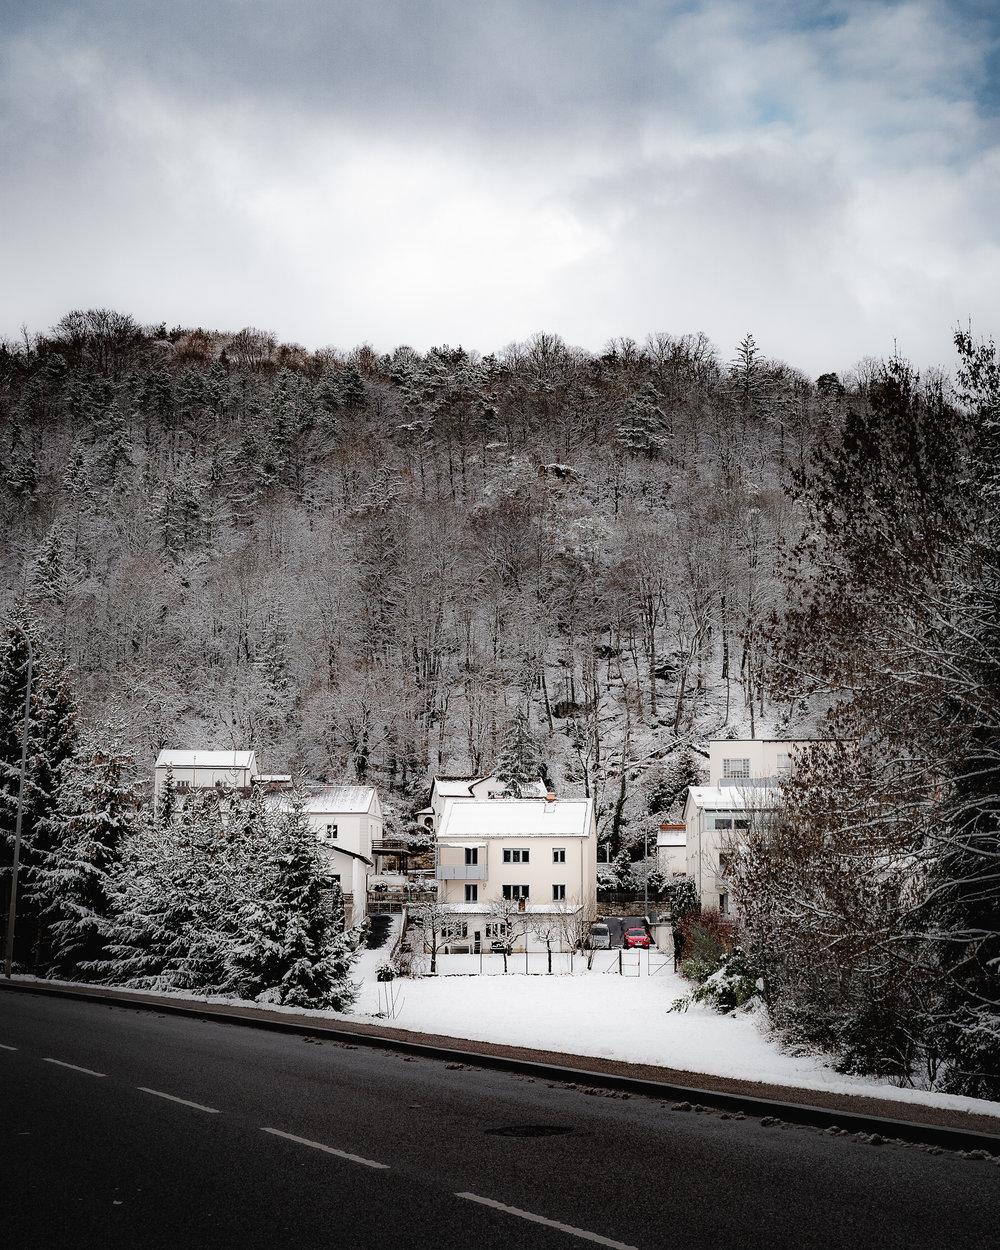 2019-01-10 Eichstatt 030.jpg